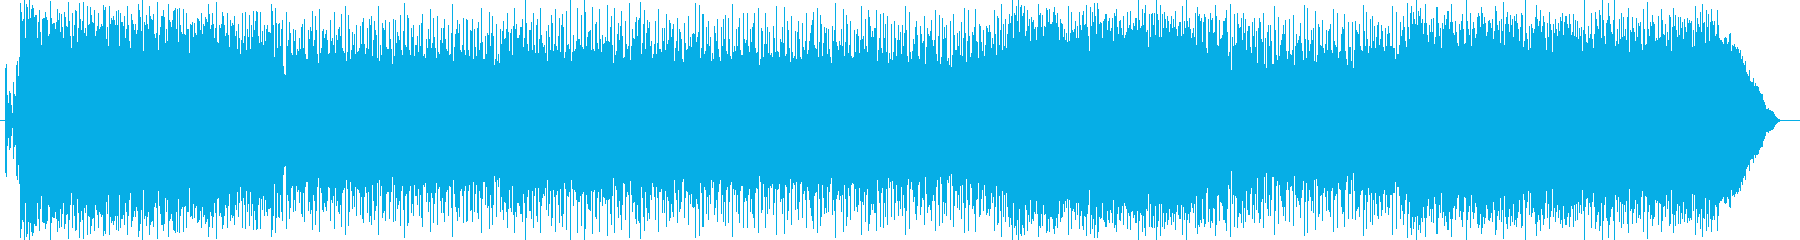 疾走感とギターの効いたパンクロックの曲の再生済みの波形